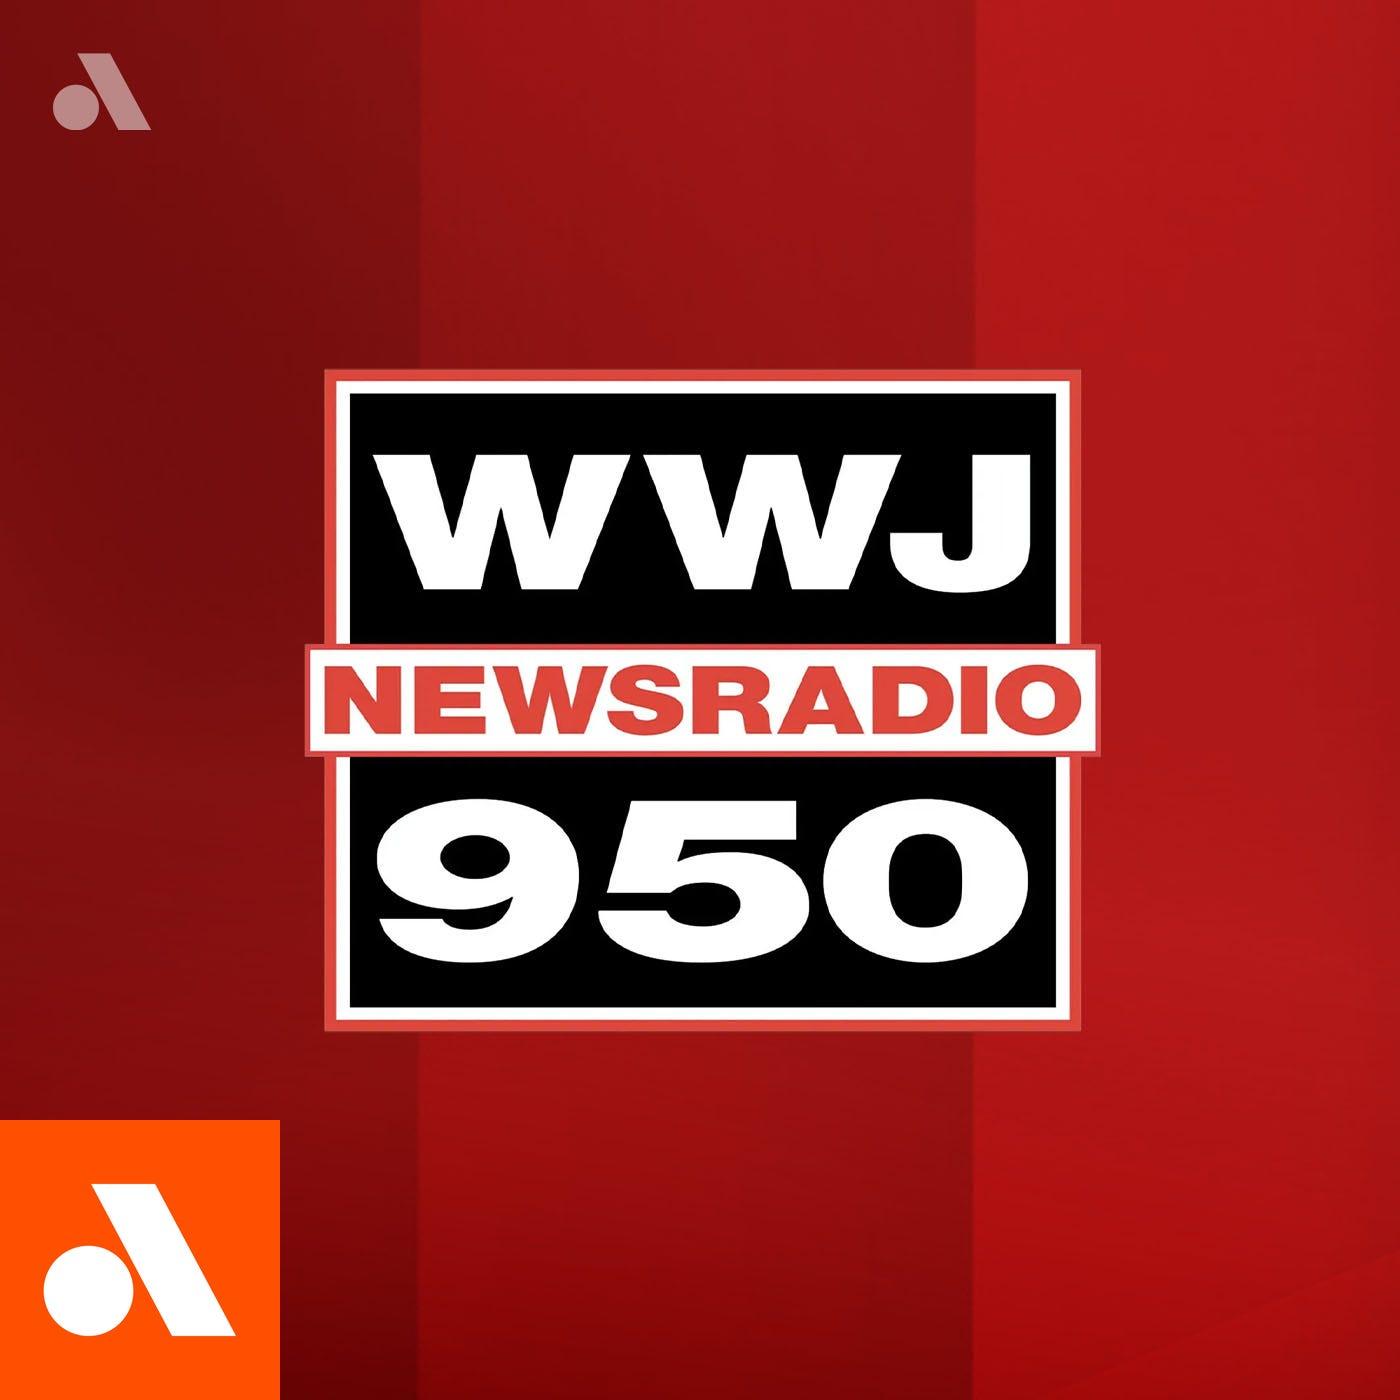 WWJ Newsradio 950